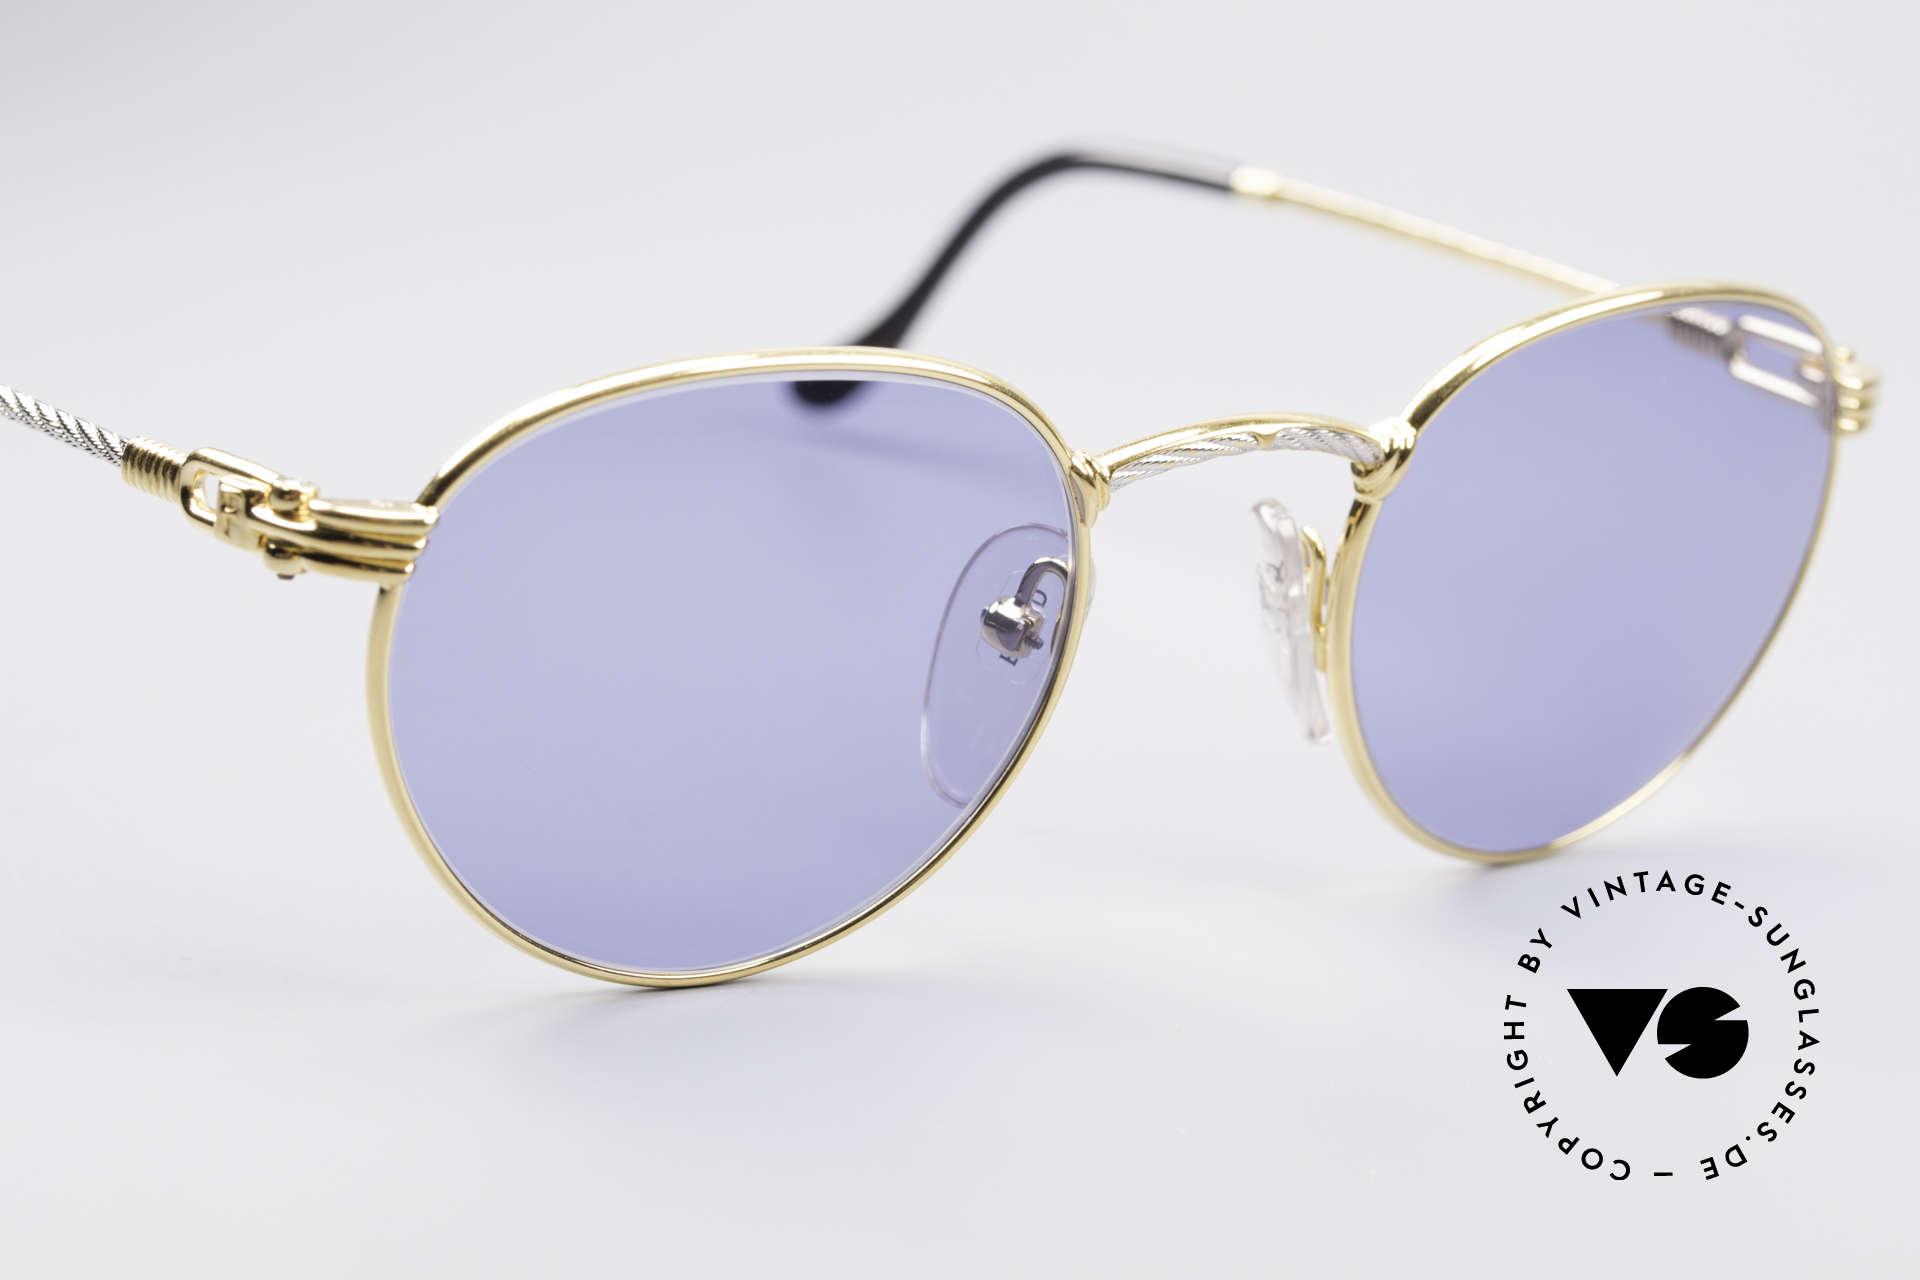 Fred Ouragan Luxus Panto Sonnenbrille, kostbare bicolore Ausführung in Gr. 48°21 + orig. Etui, Passend für Herren